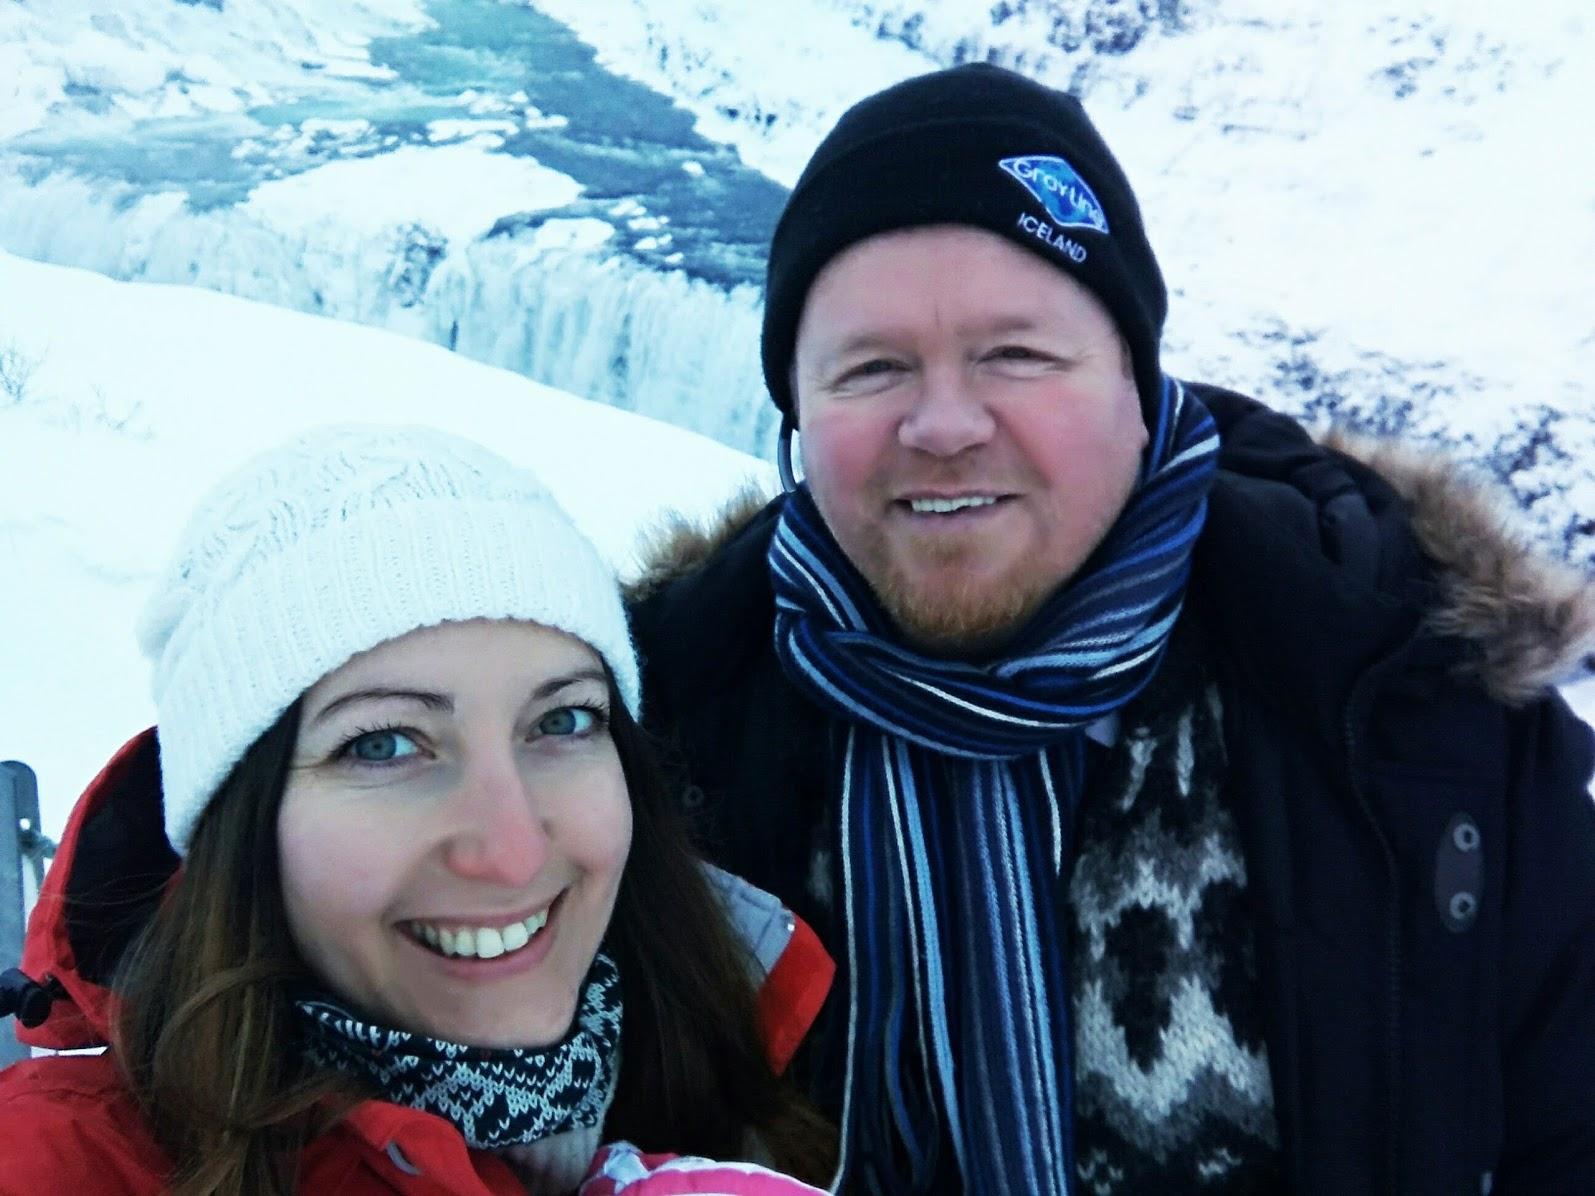 Путешествие в Исландию: 7 дней за 150 евро с перелетом. Часть 2 Путешествие в Исландию: 7 дней за 150 евро с перелетом. Часть 2 9 5